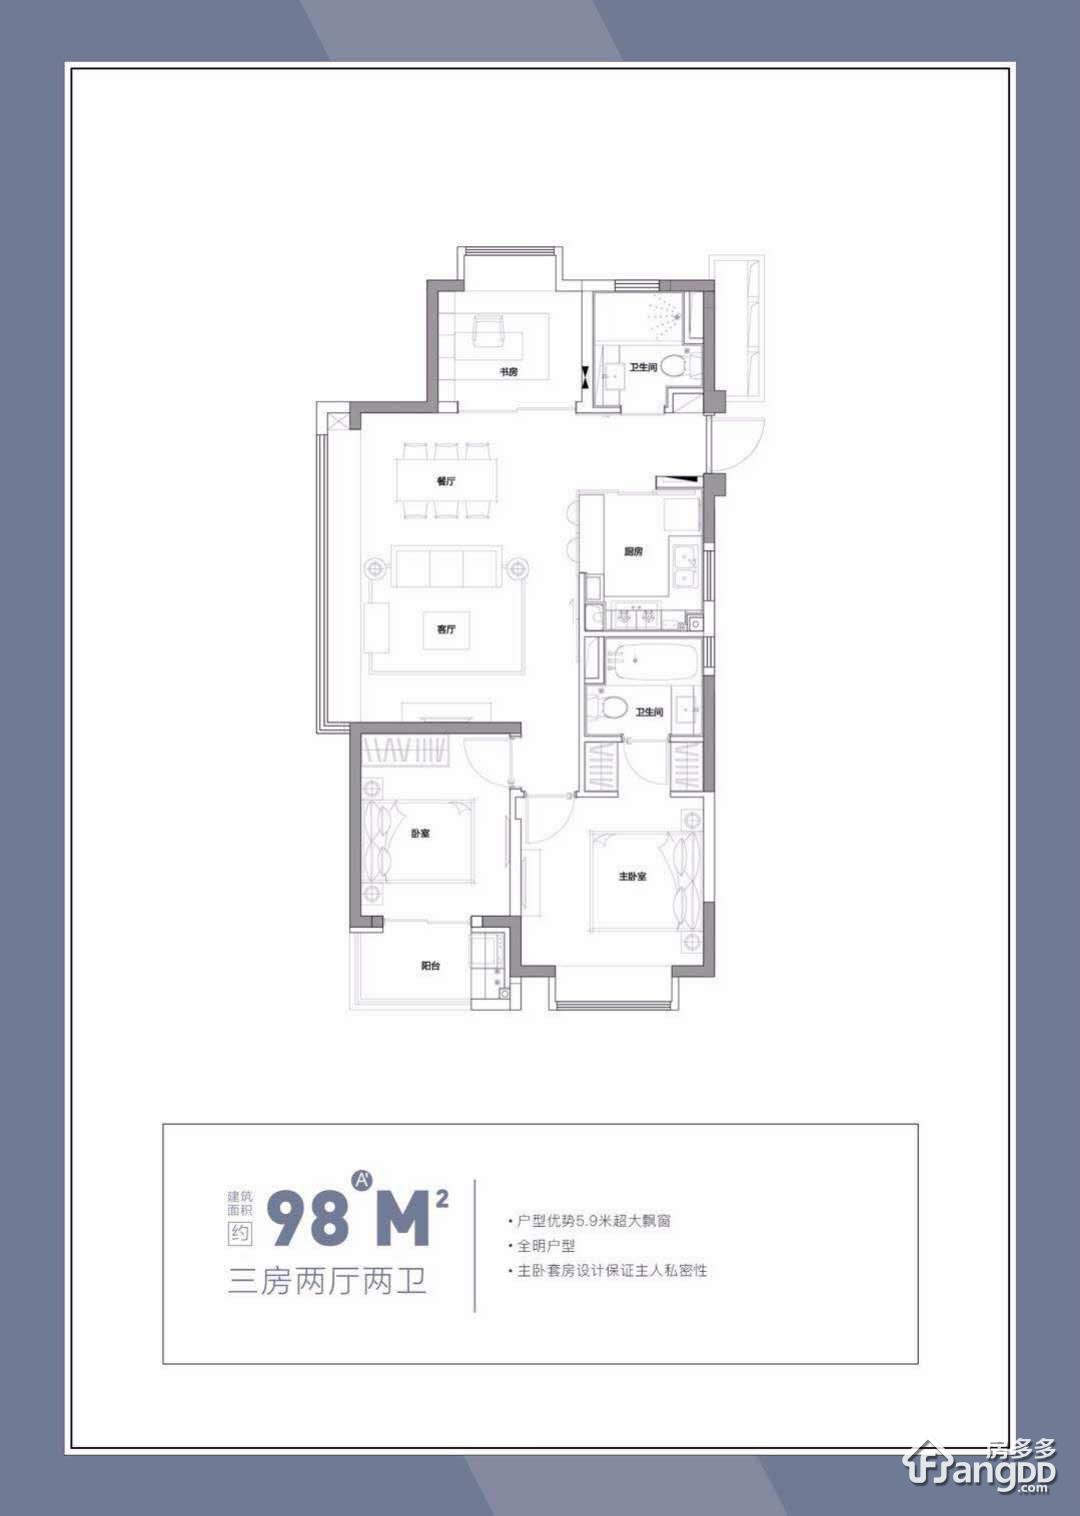 万科启宸3室2厅2卫户型图